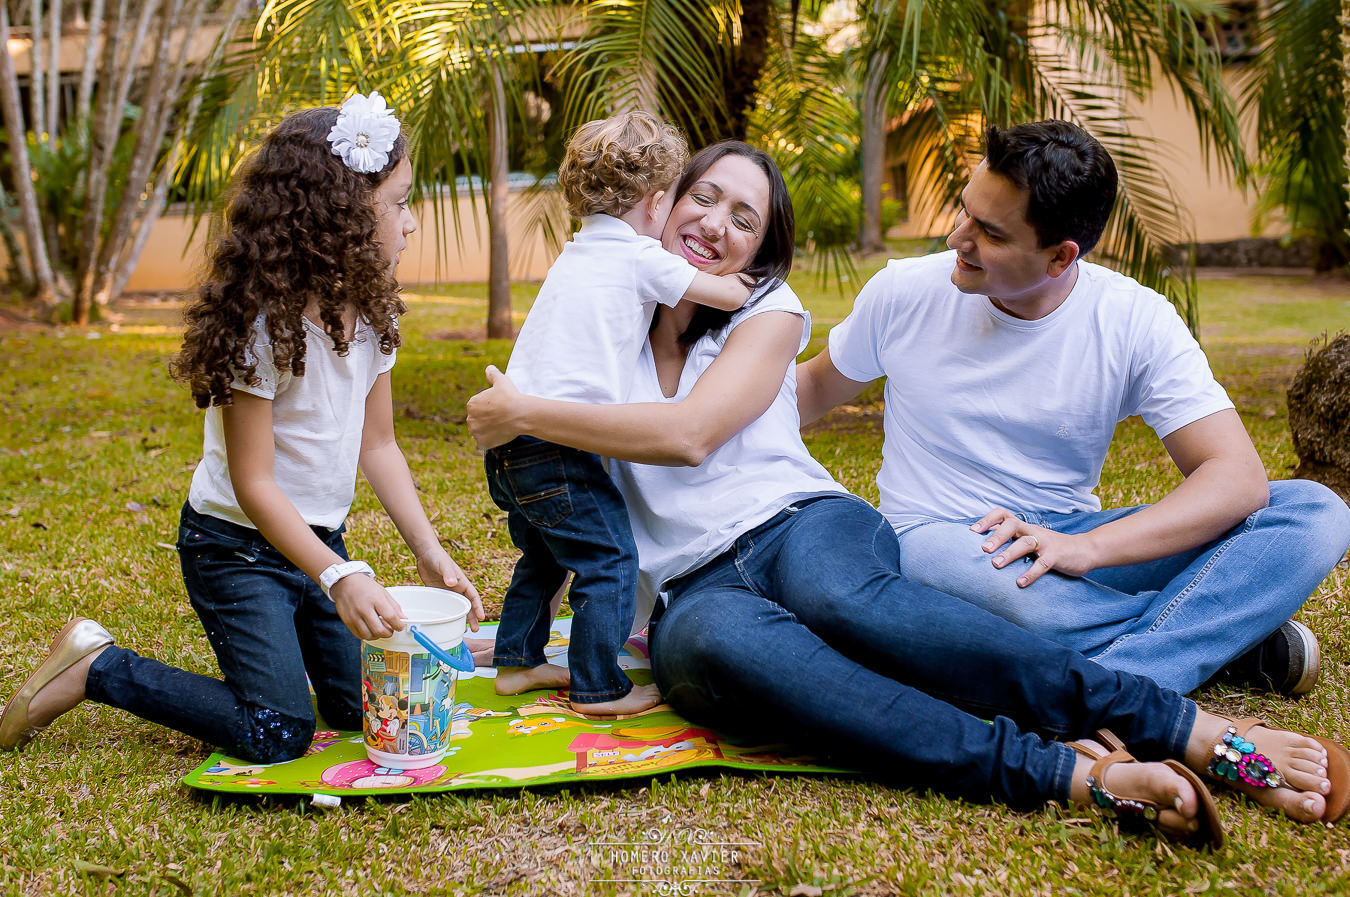 fotografia familia Parque das Aguas BH